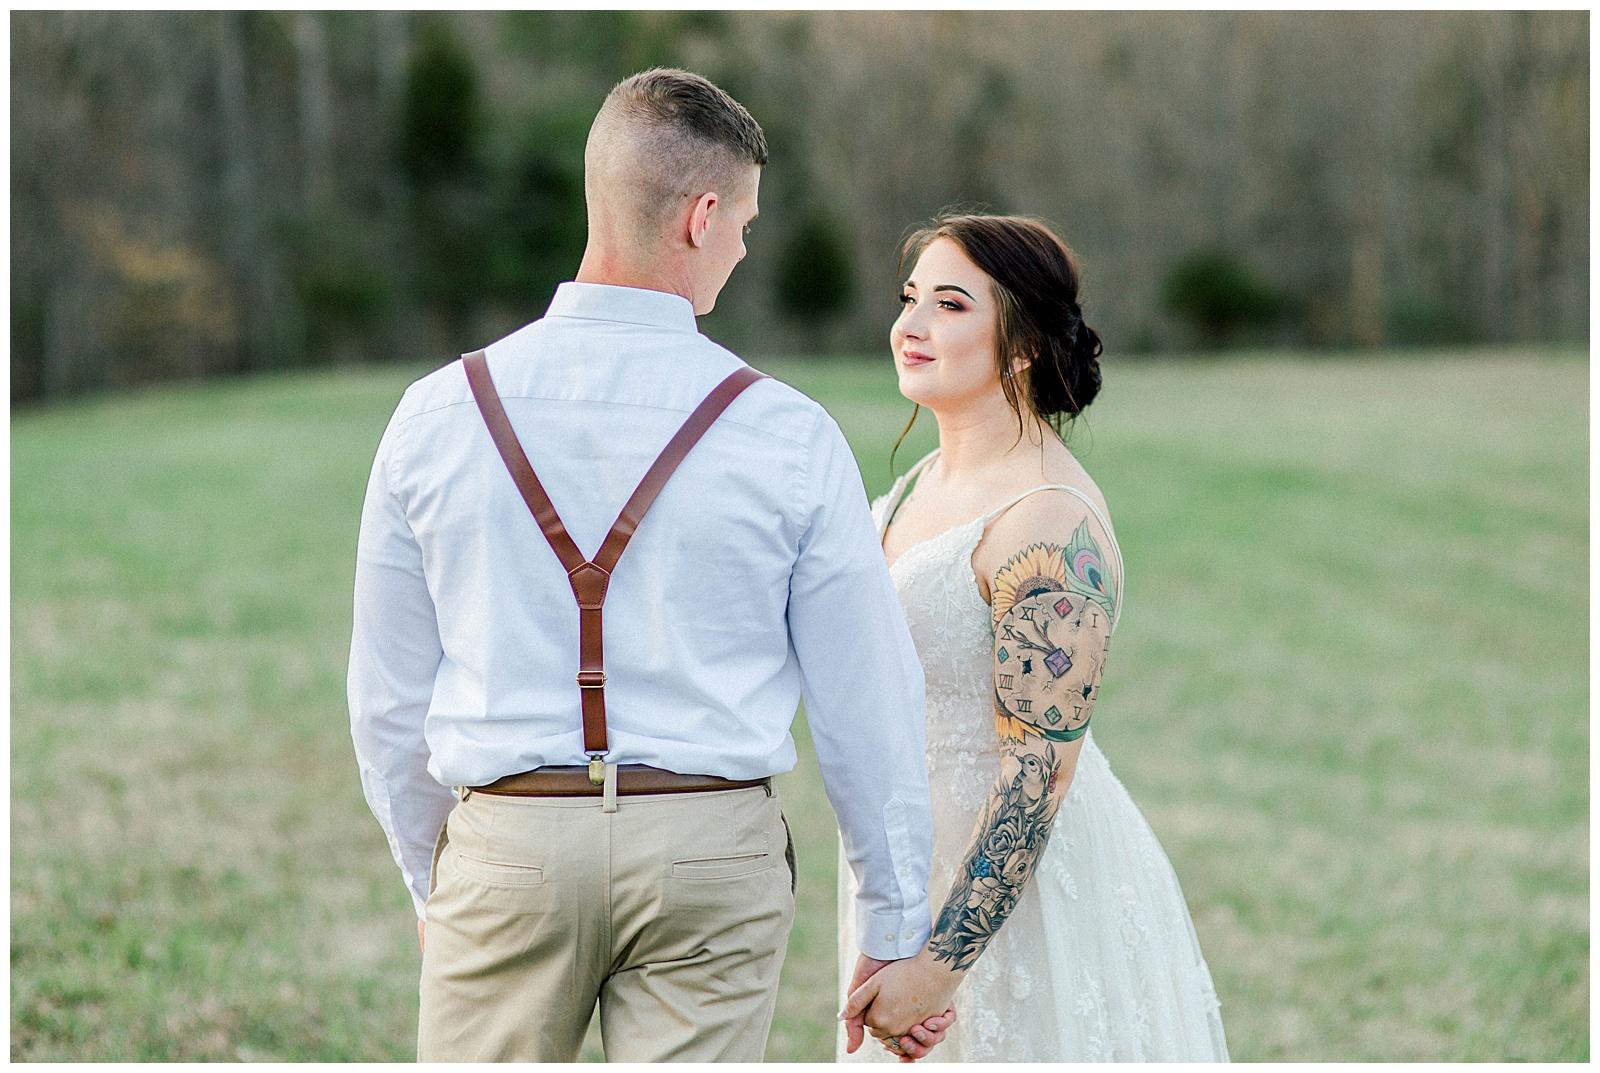 Lewis-Kara-Blakeman-Photography-Huntington-West-Virginia-Wedding-Barn-Olde-Homestead-35